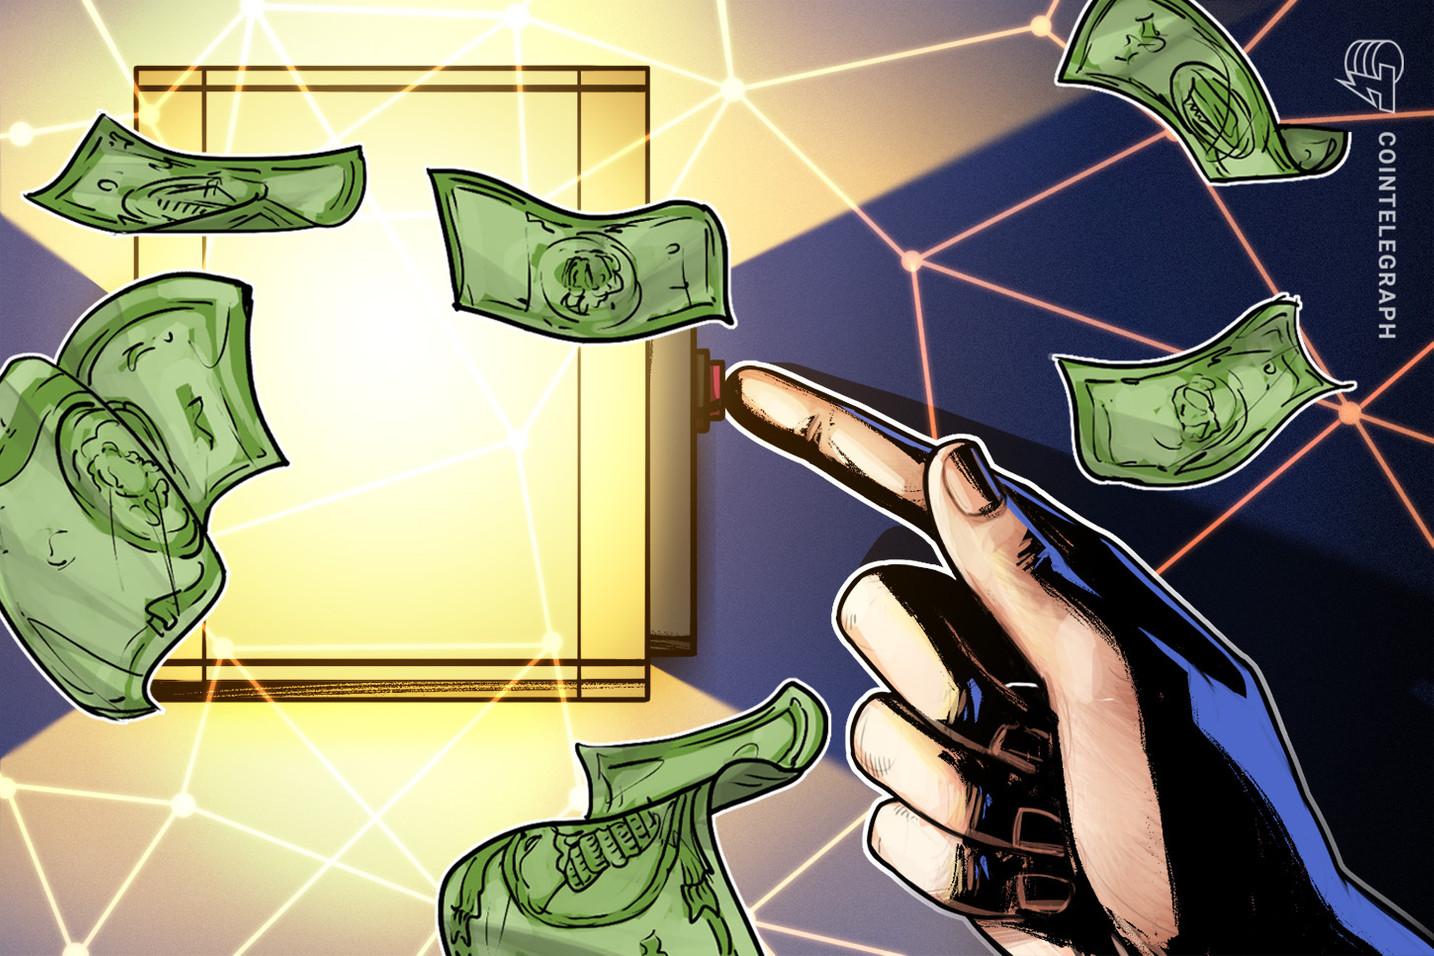 Paxos, el socio cripto de PayPal, cerró una ronda de financiación de 142 millones de dólares